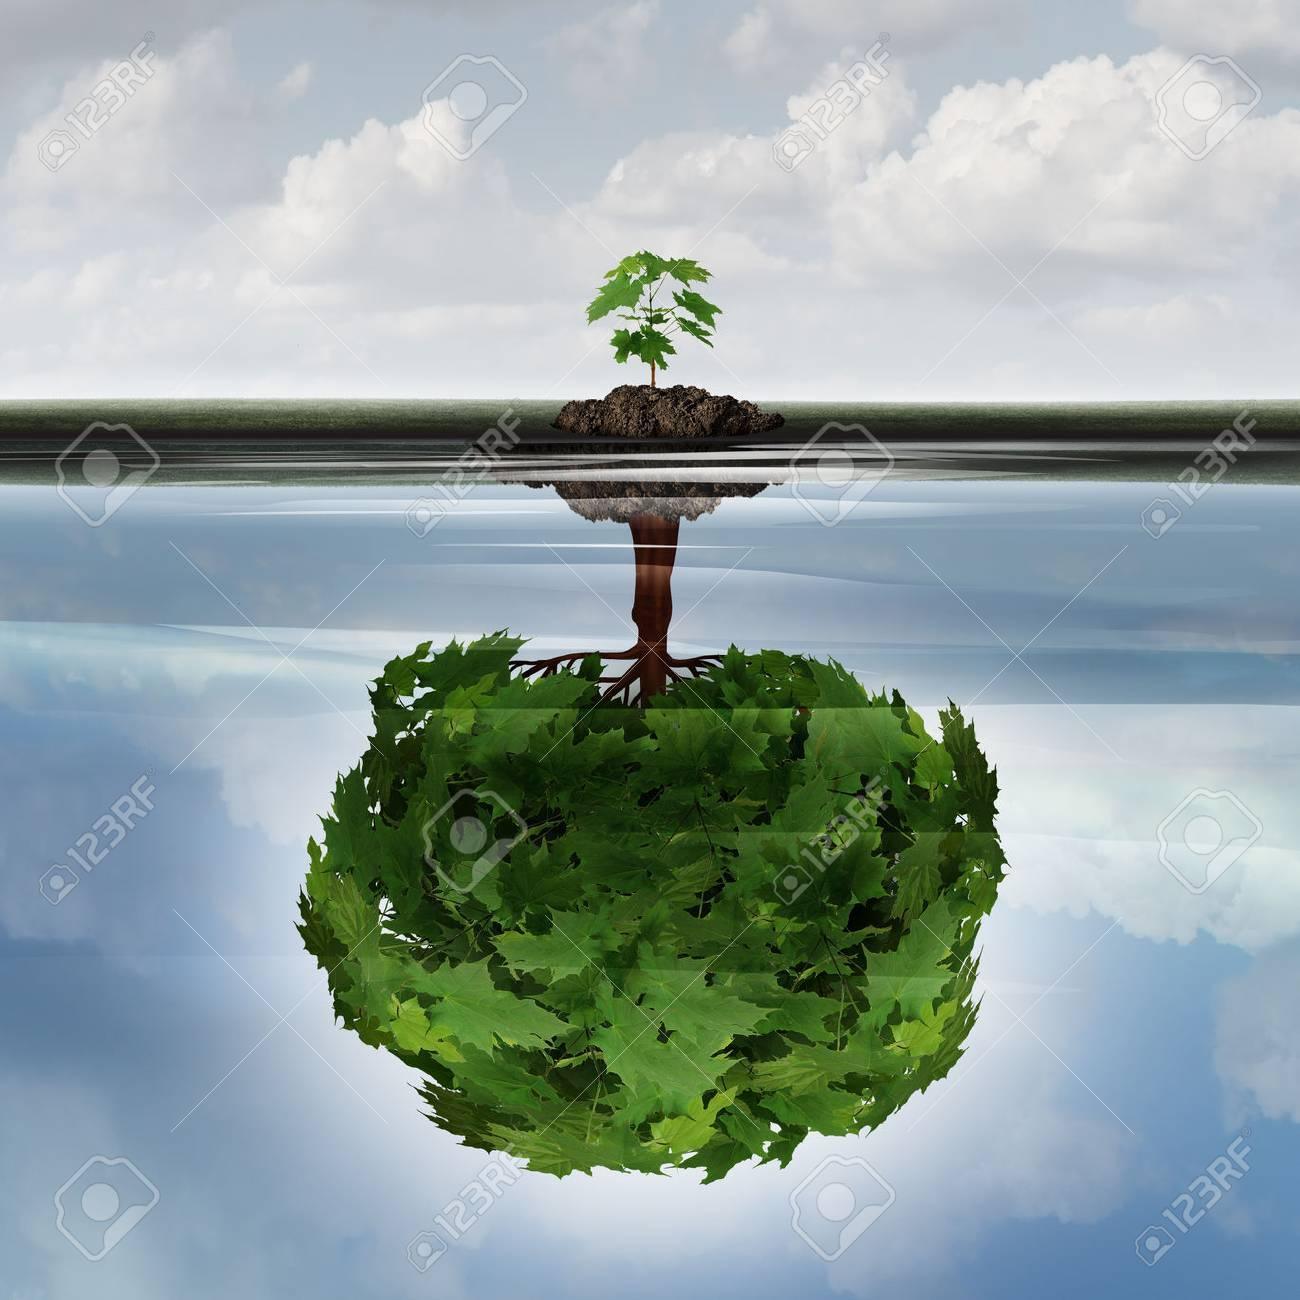 Potenzielle Erfolgskonzept als Symbol für Aspiration Philosophie Idee und entschlossen, Wachstum Motivation Symbol als kleiner junge sappling eine Reflexion eines reifen großen Baum im Wasser mit 3D-Darstellung Elemente zu machen. Standard-Bild - 63825900